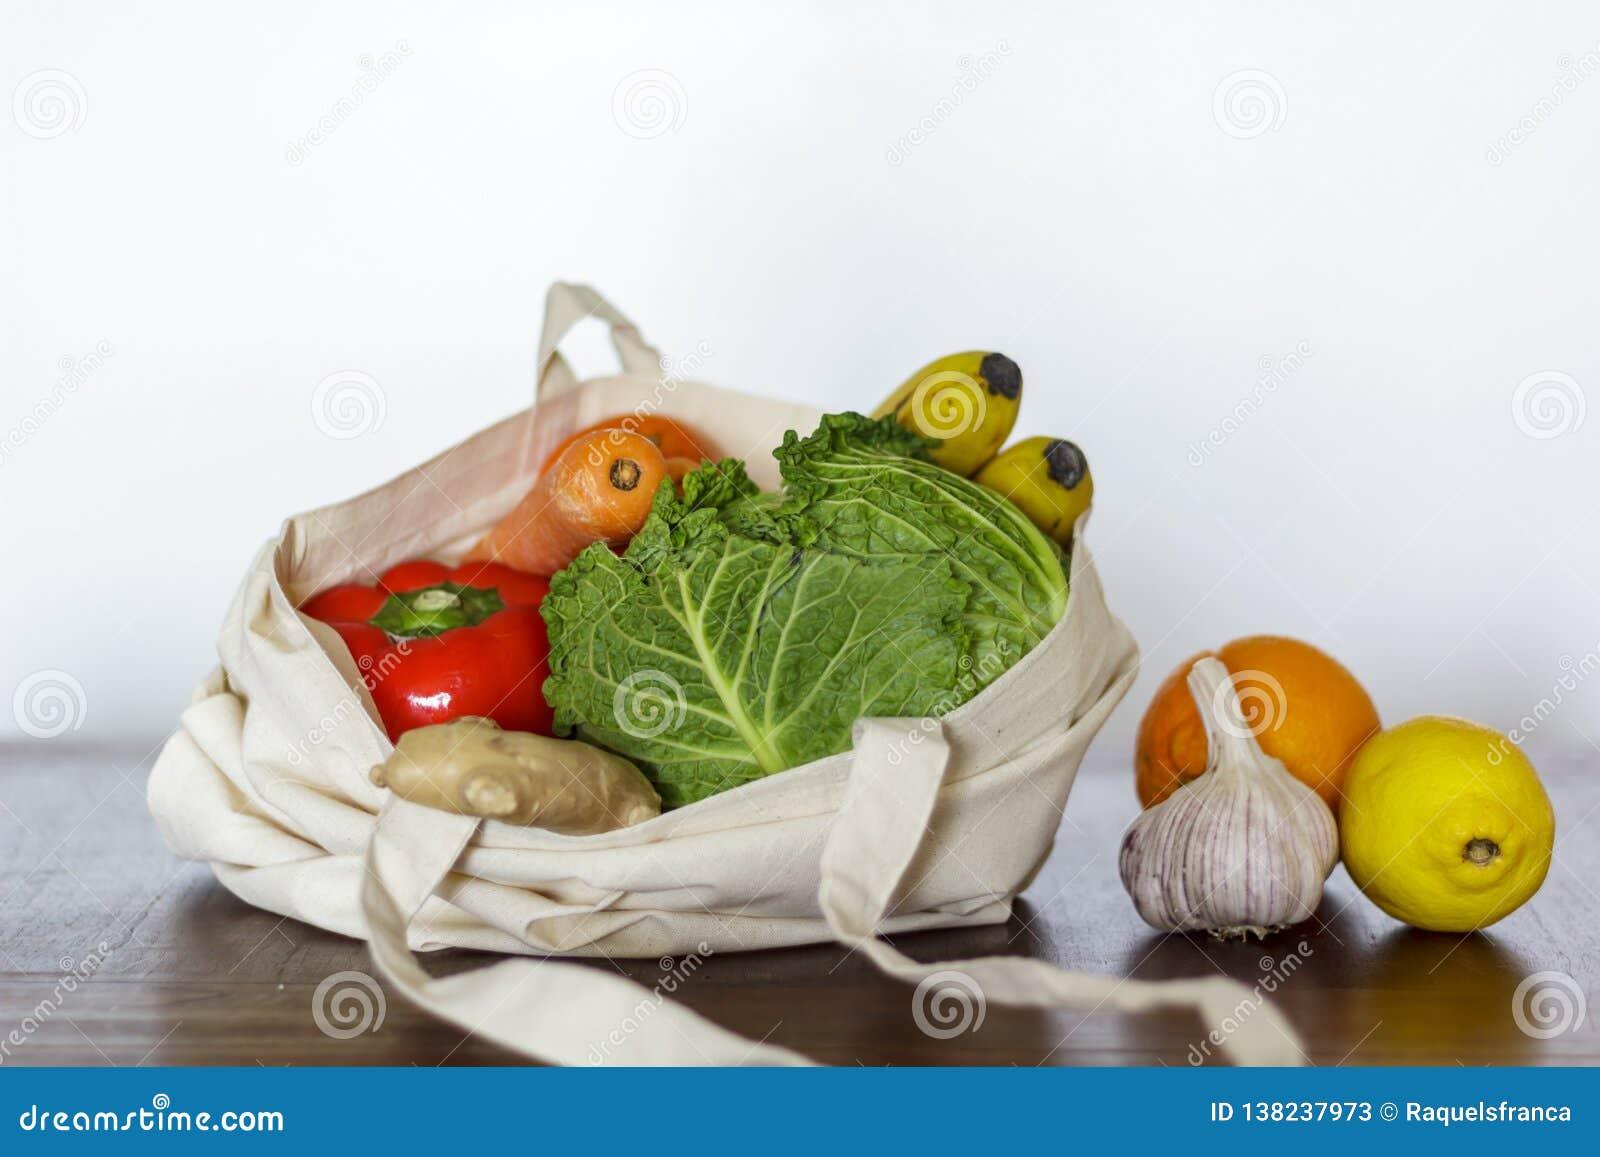 Nya grönsaker och frukter i bomullspåse Nollavfalls, plast- fritt begrepp